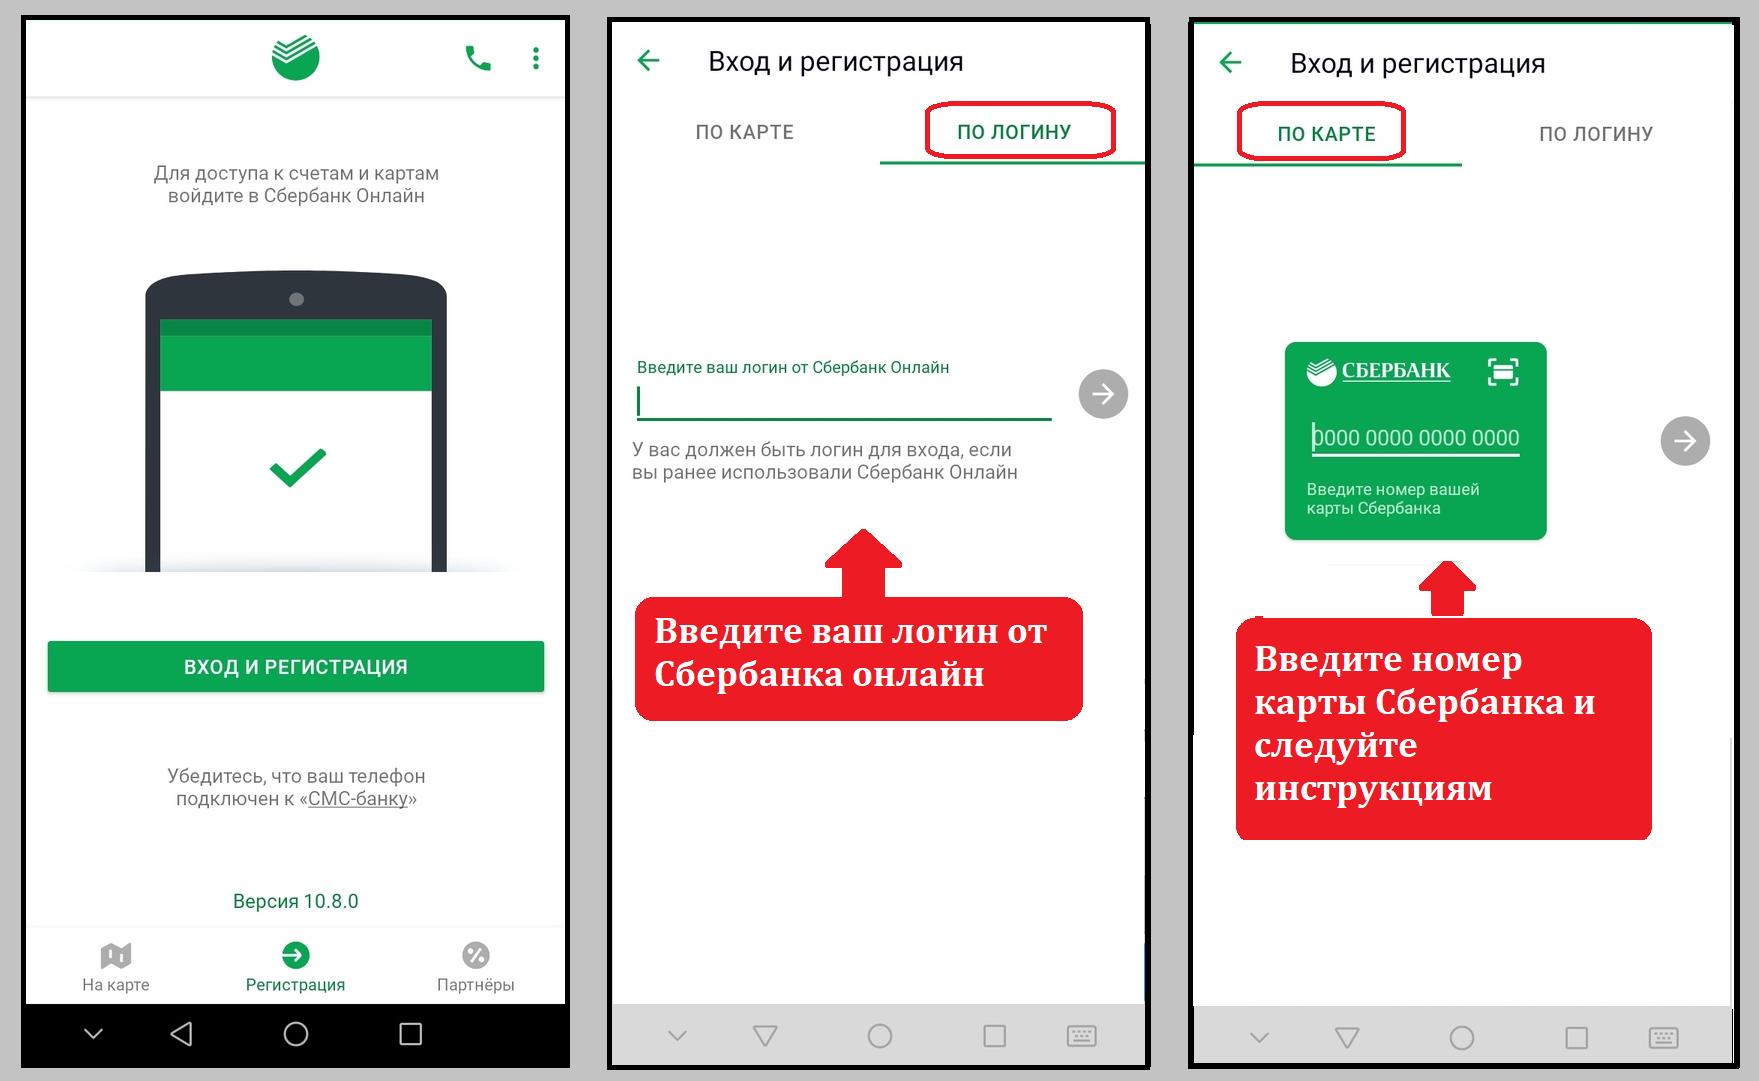 оплата детского сада через мобильное приложение сбербанк